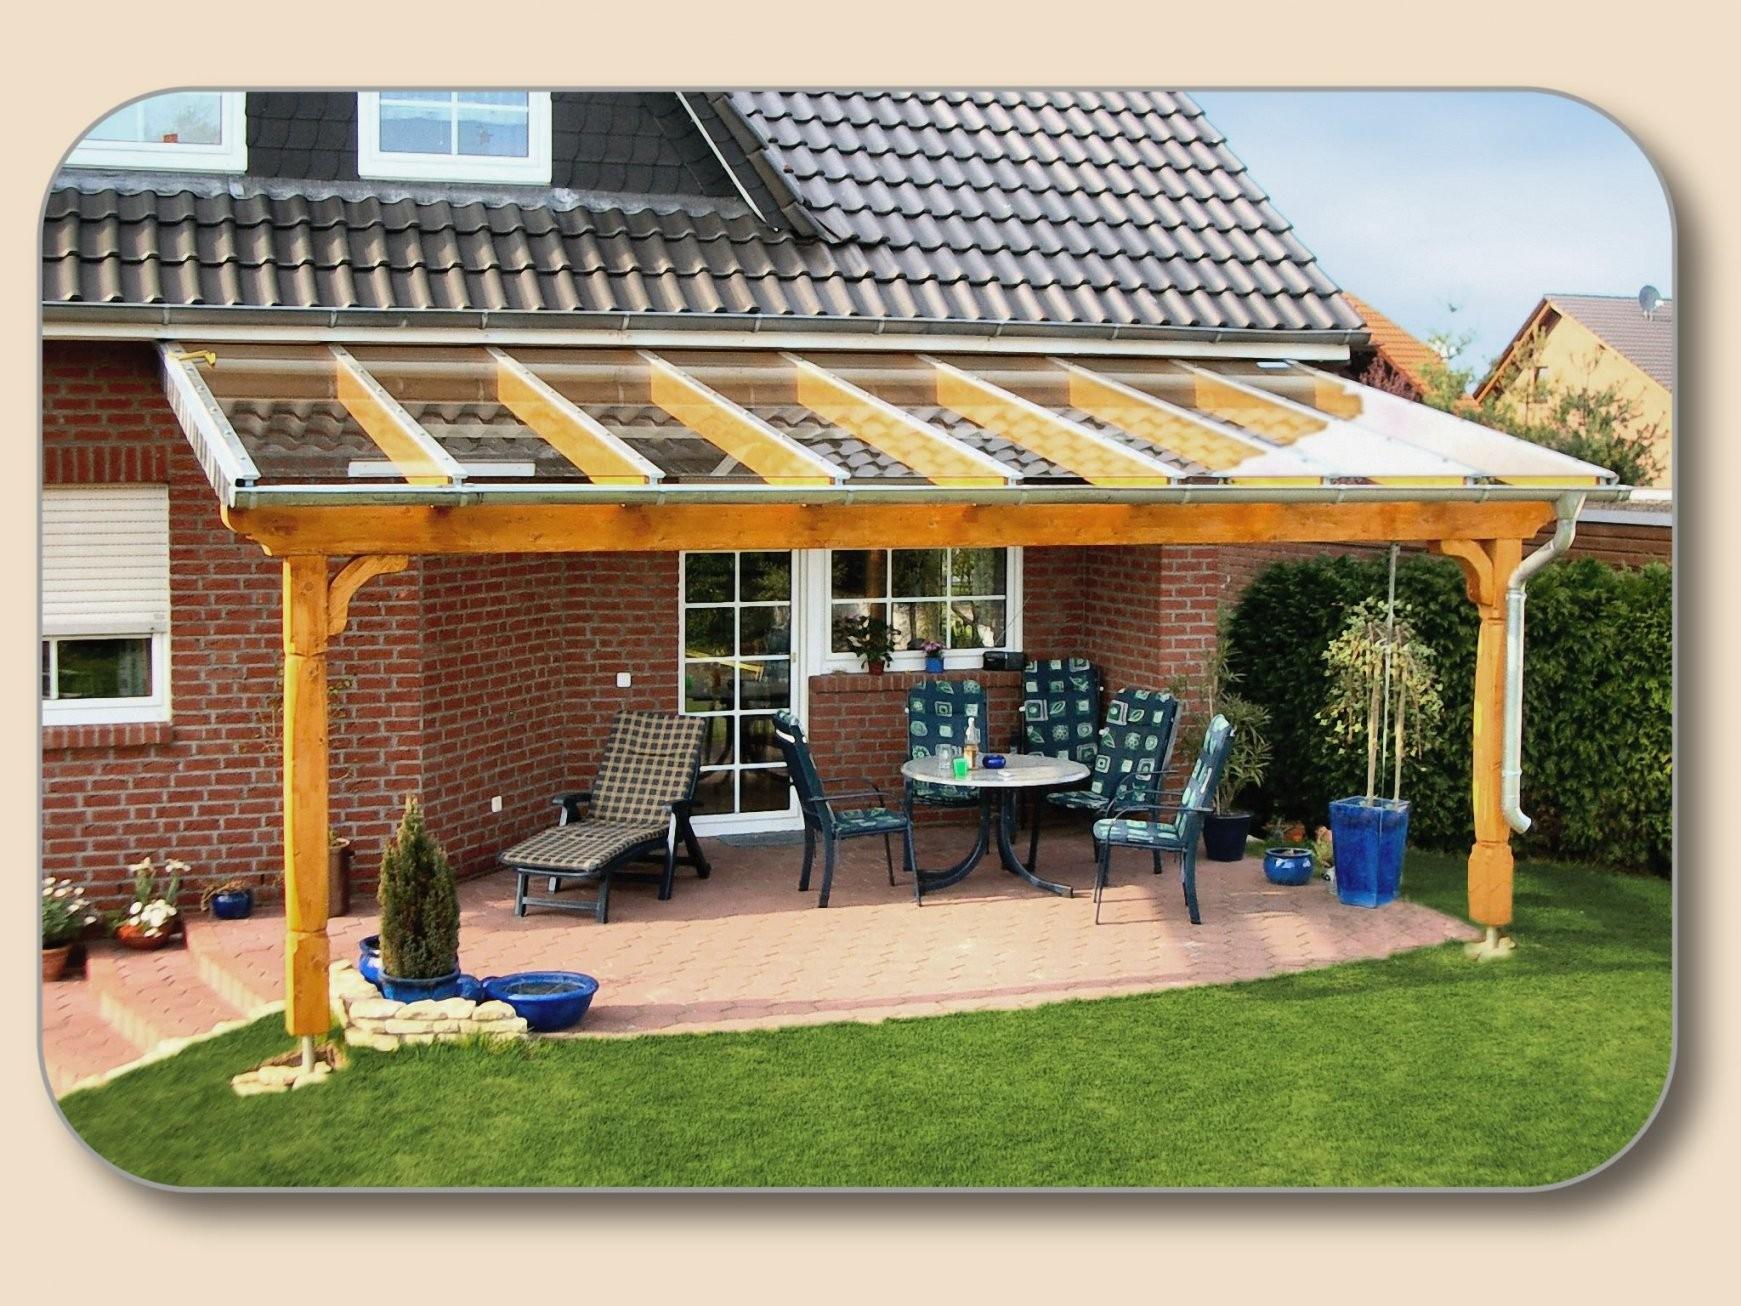 Überdachung Holz Und Glas Bausatz Preise – Hersteller Holzon von Terrassenüberdachung Aus Holz Selber Bauen Bild